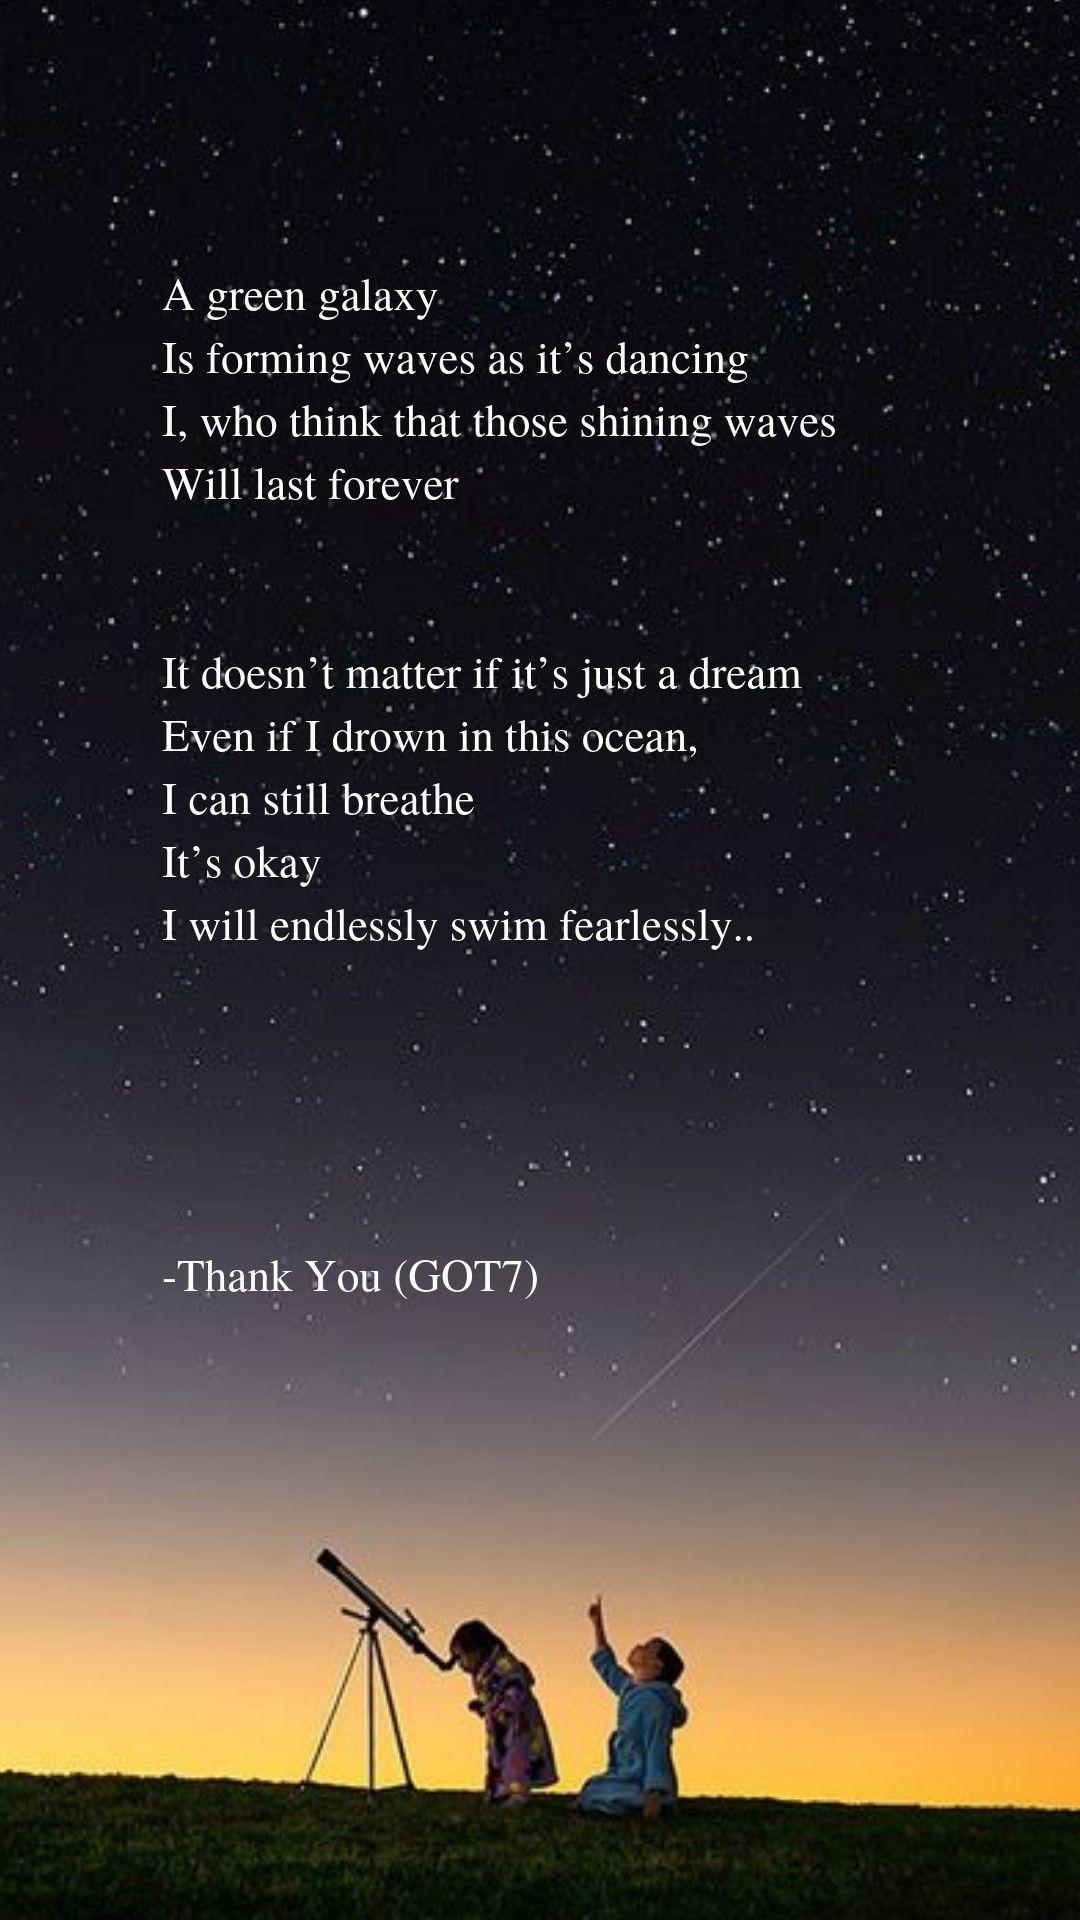 Thank You by GOT7 Lyrics wallpaper Pop lyrics, Song